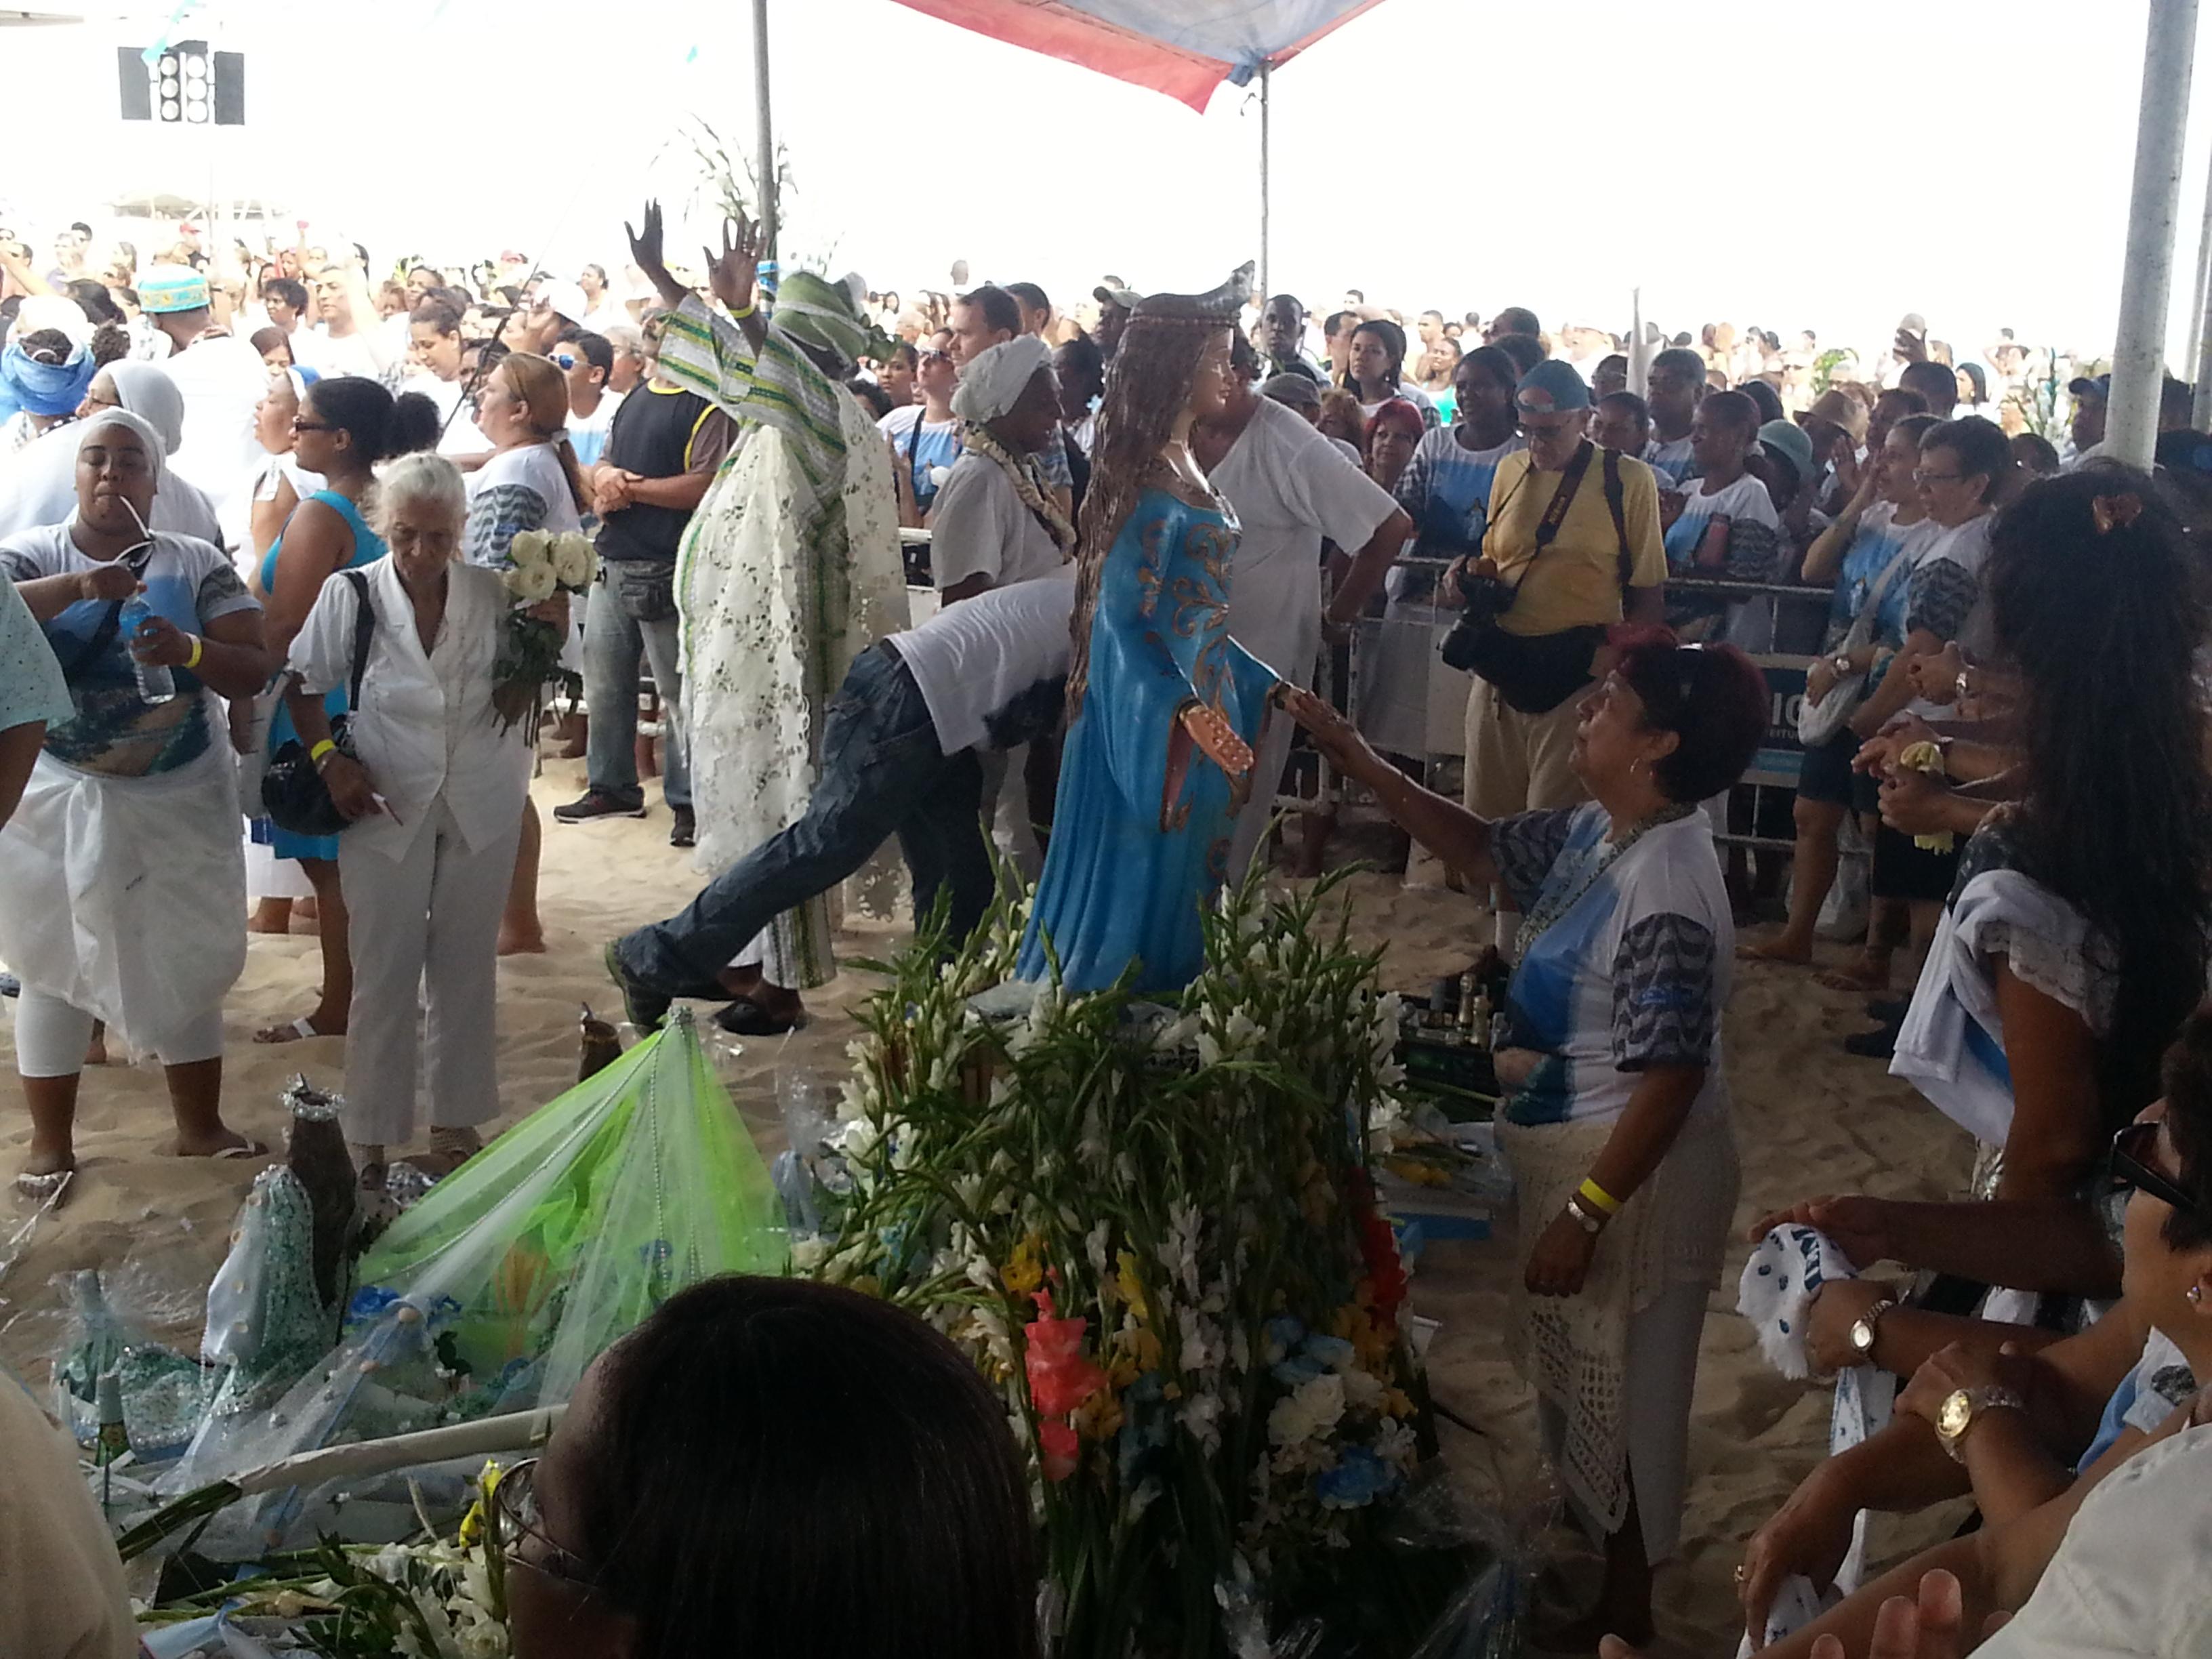 Festa de Iemanjá - Copacabana